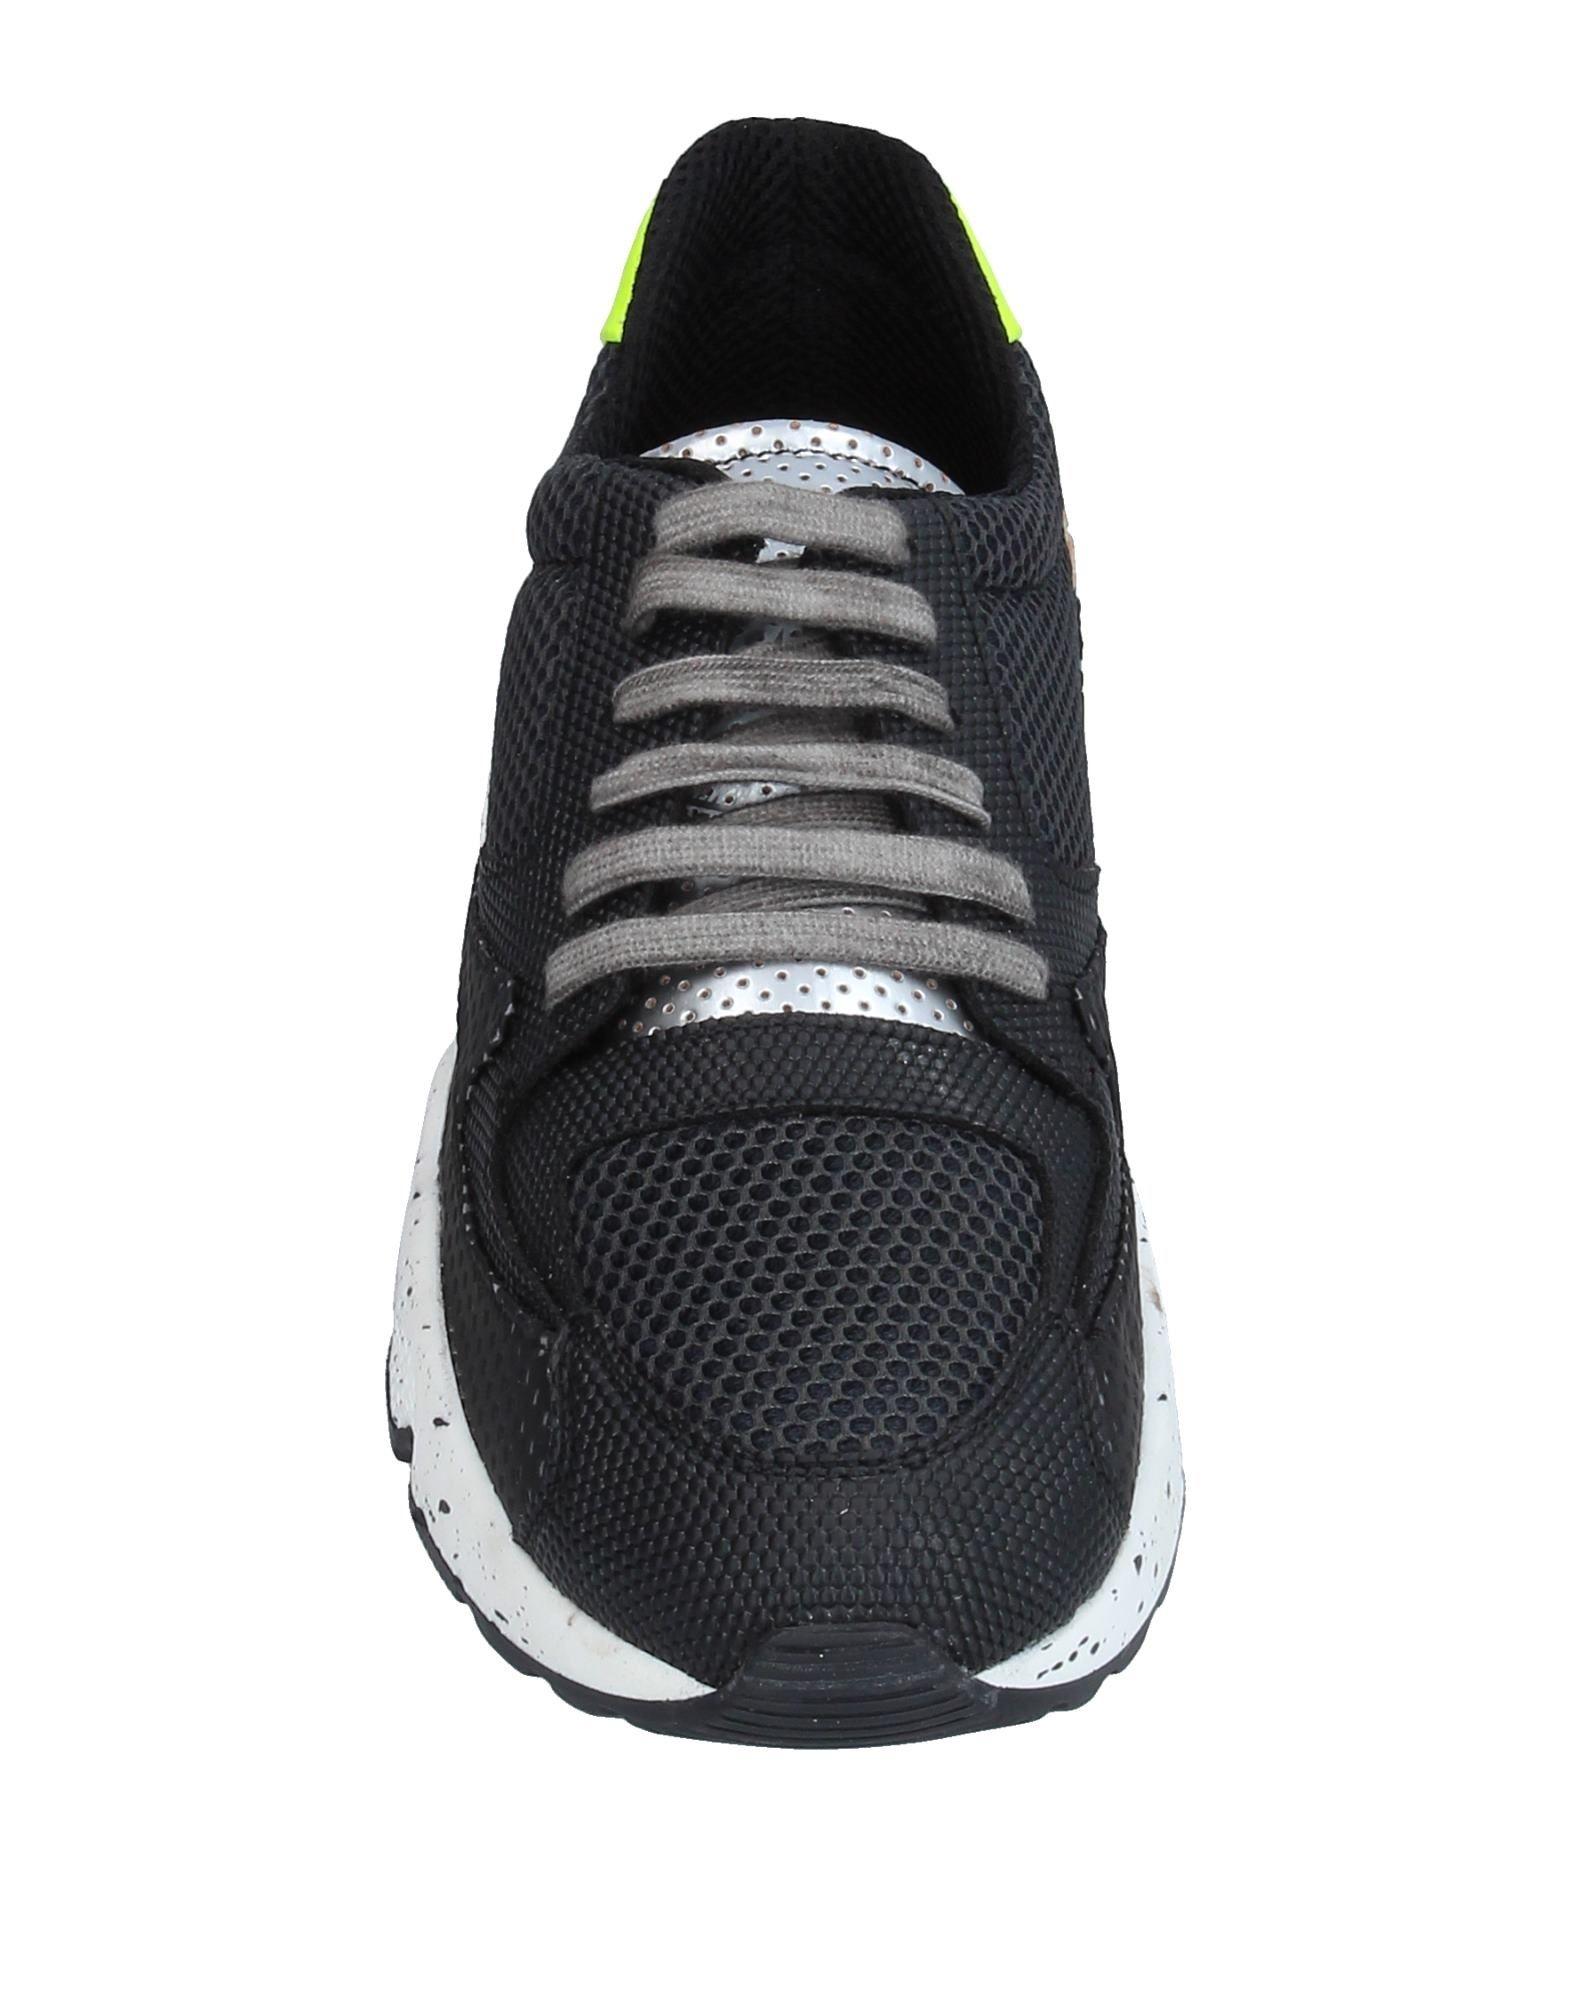 ... Rabatt Herren echte Schuhe P448 Sneakers Herren Rabatt 11353243PG  51805f ... d5d9b933a5